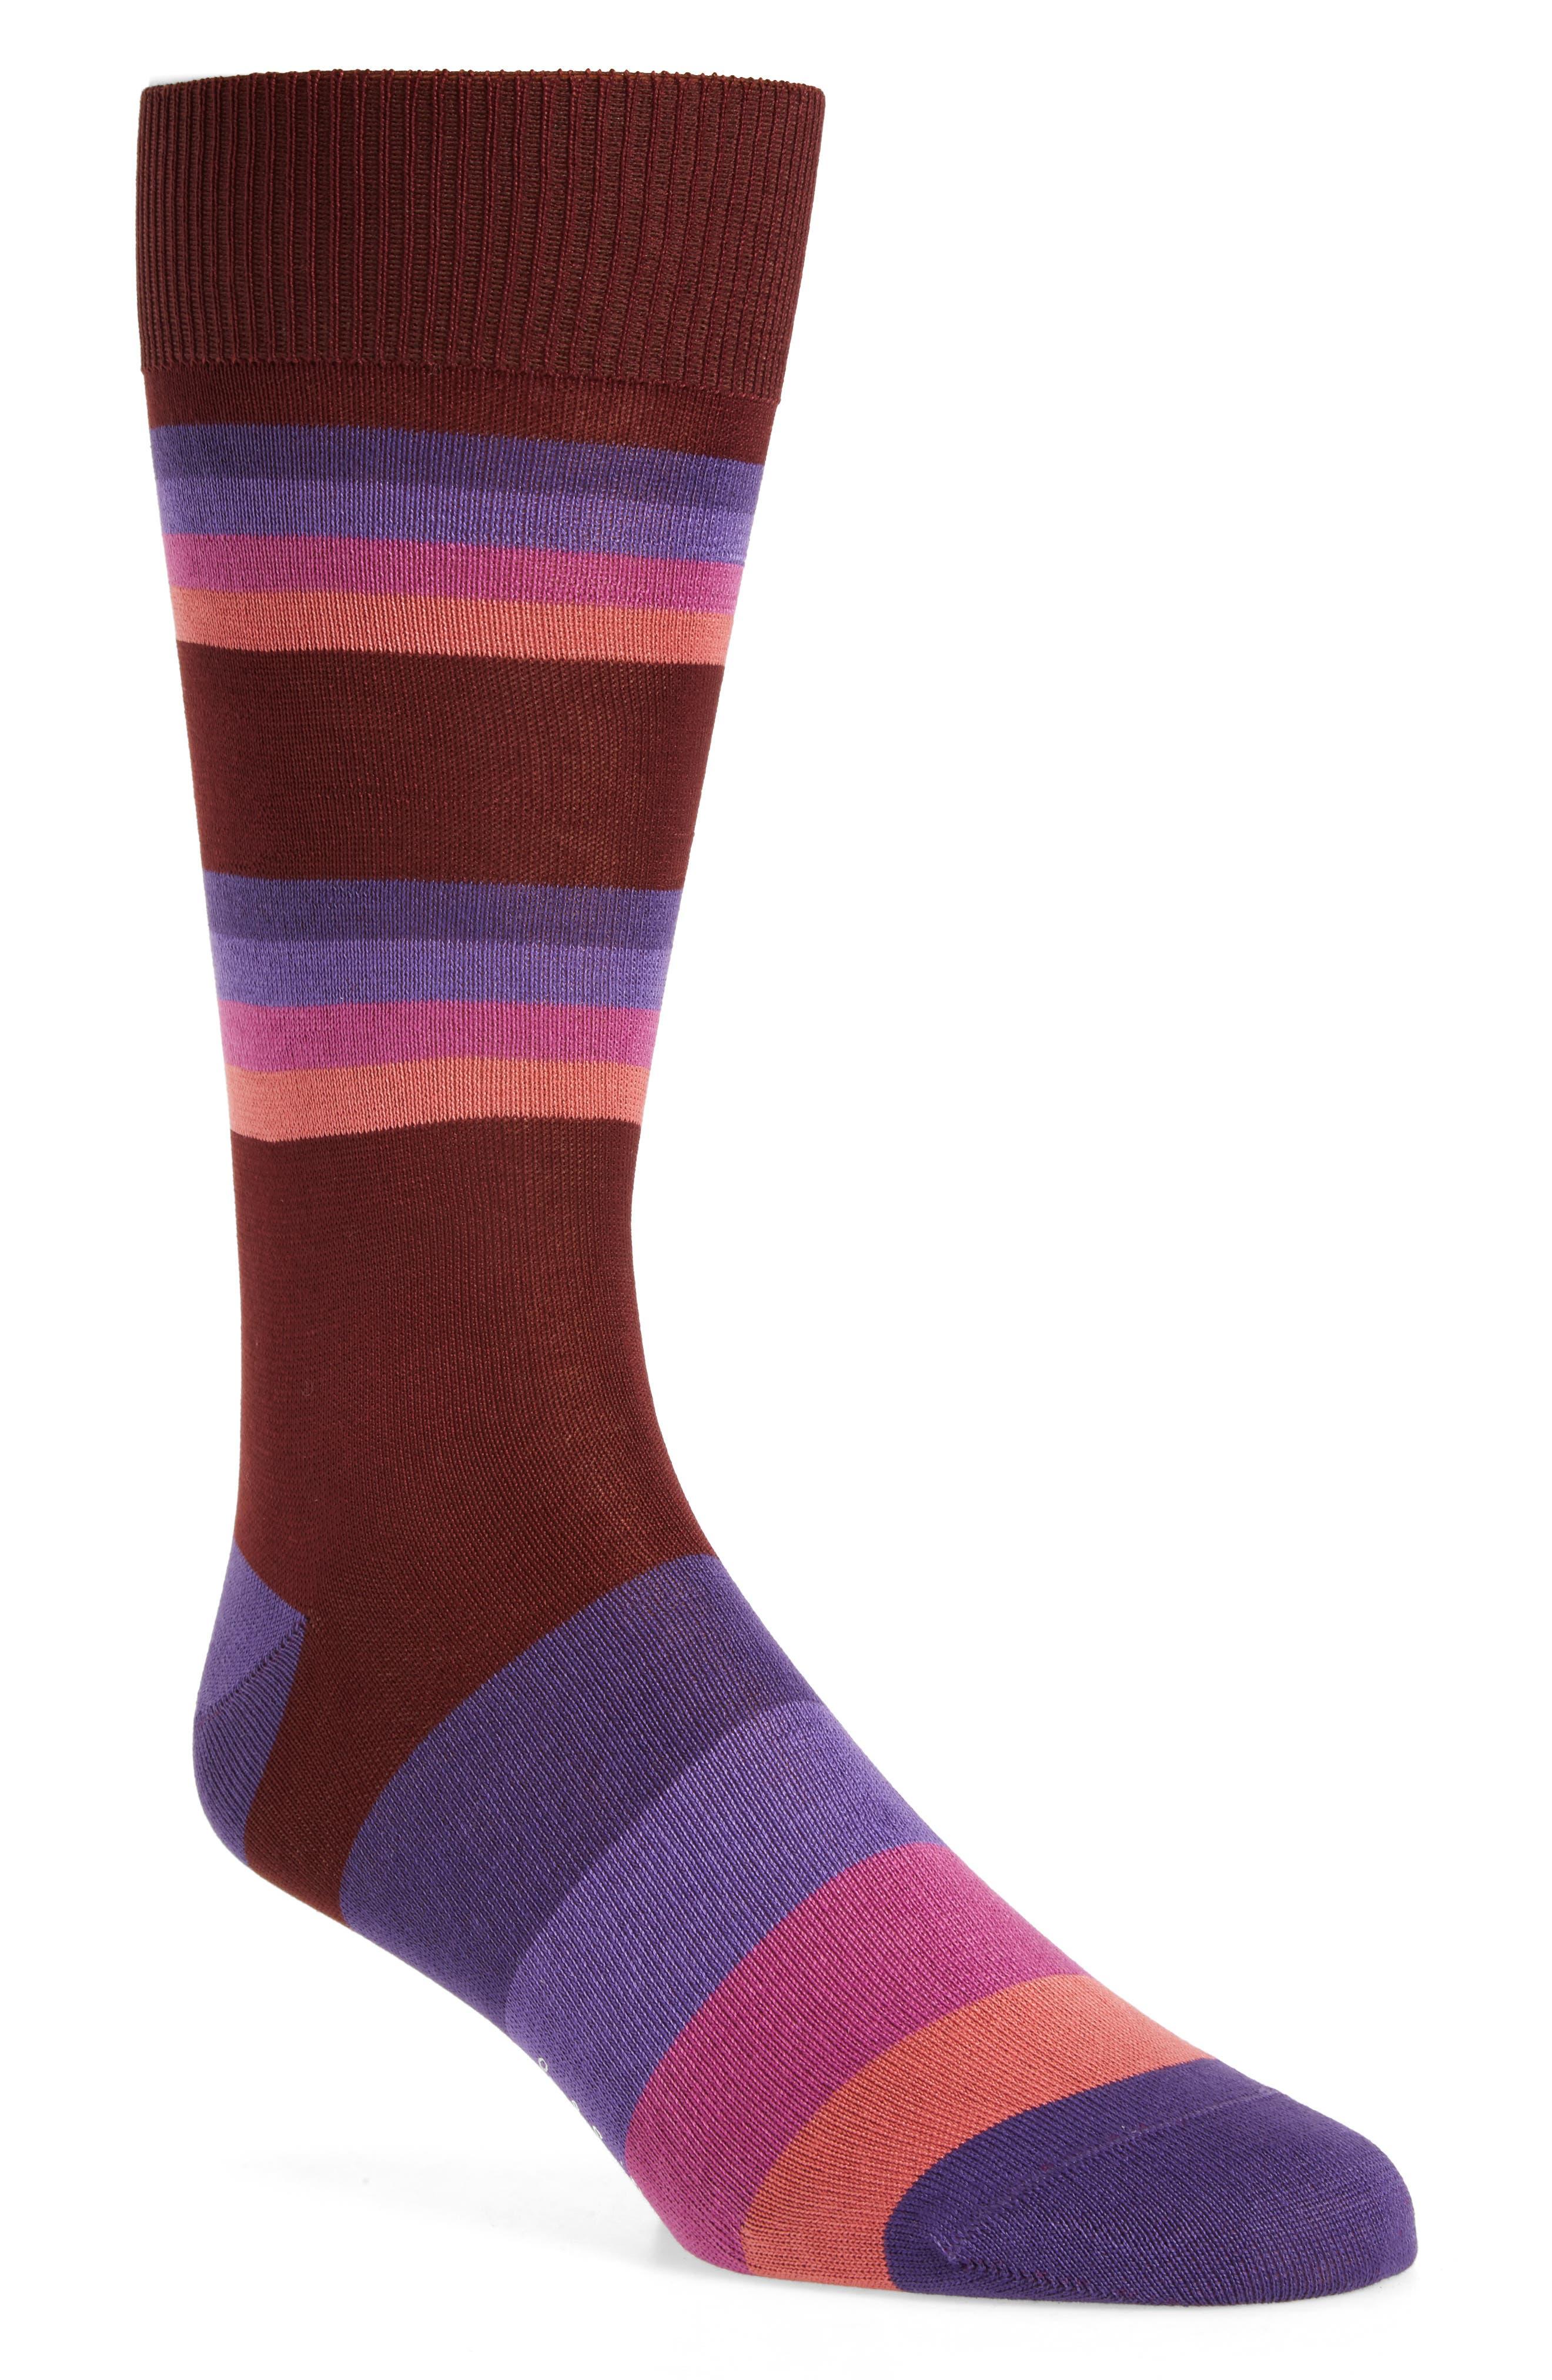 Boston Stripe Socks,                         Main,                         color, Burgundy